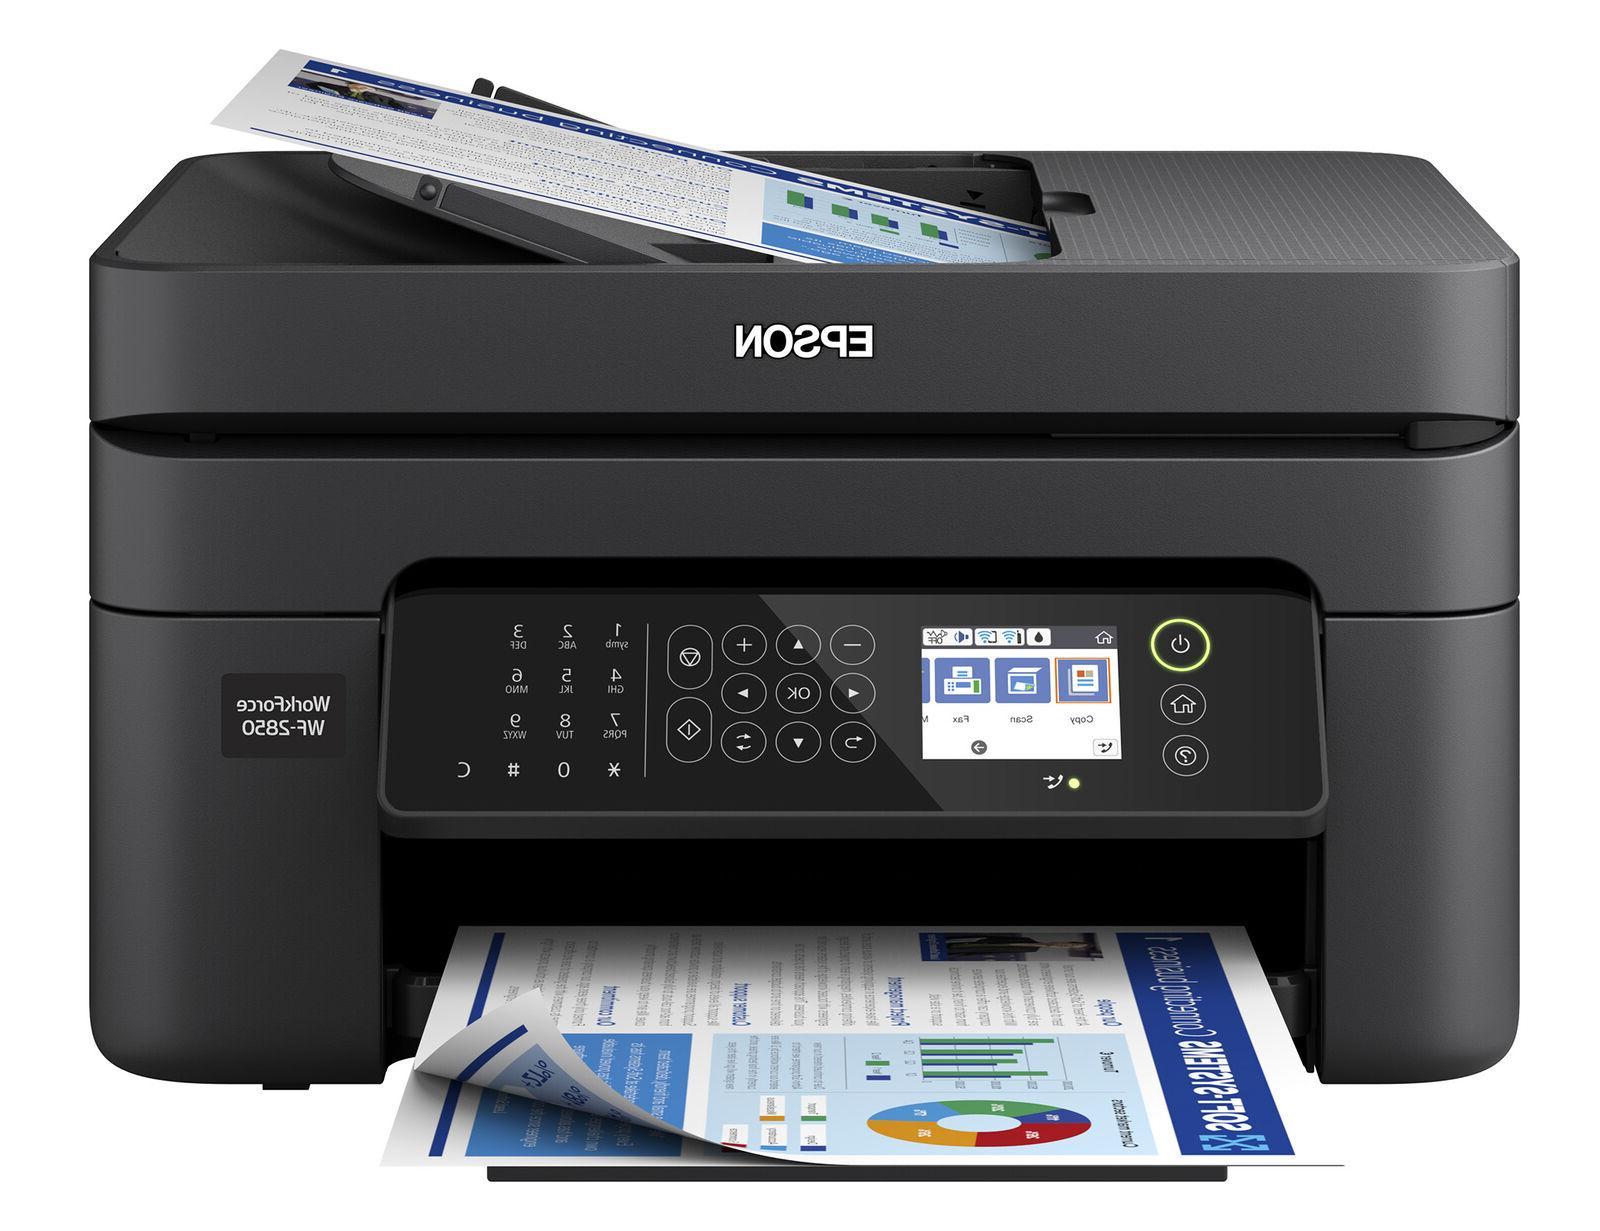 Epson Machine Fax Copier Wireless Home Office